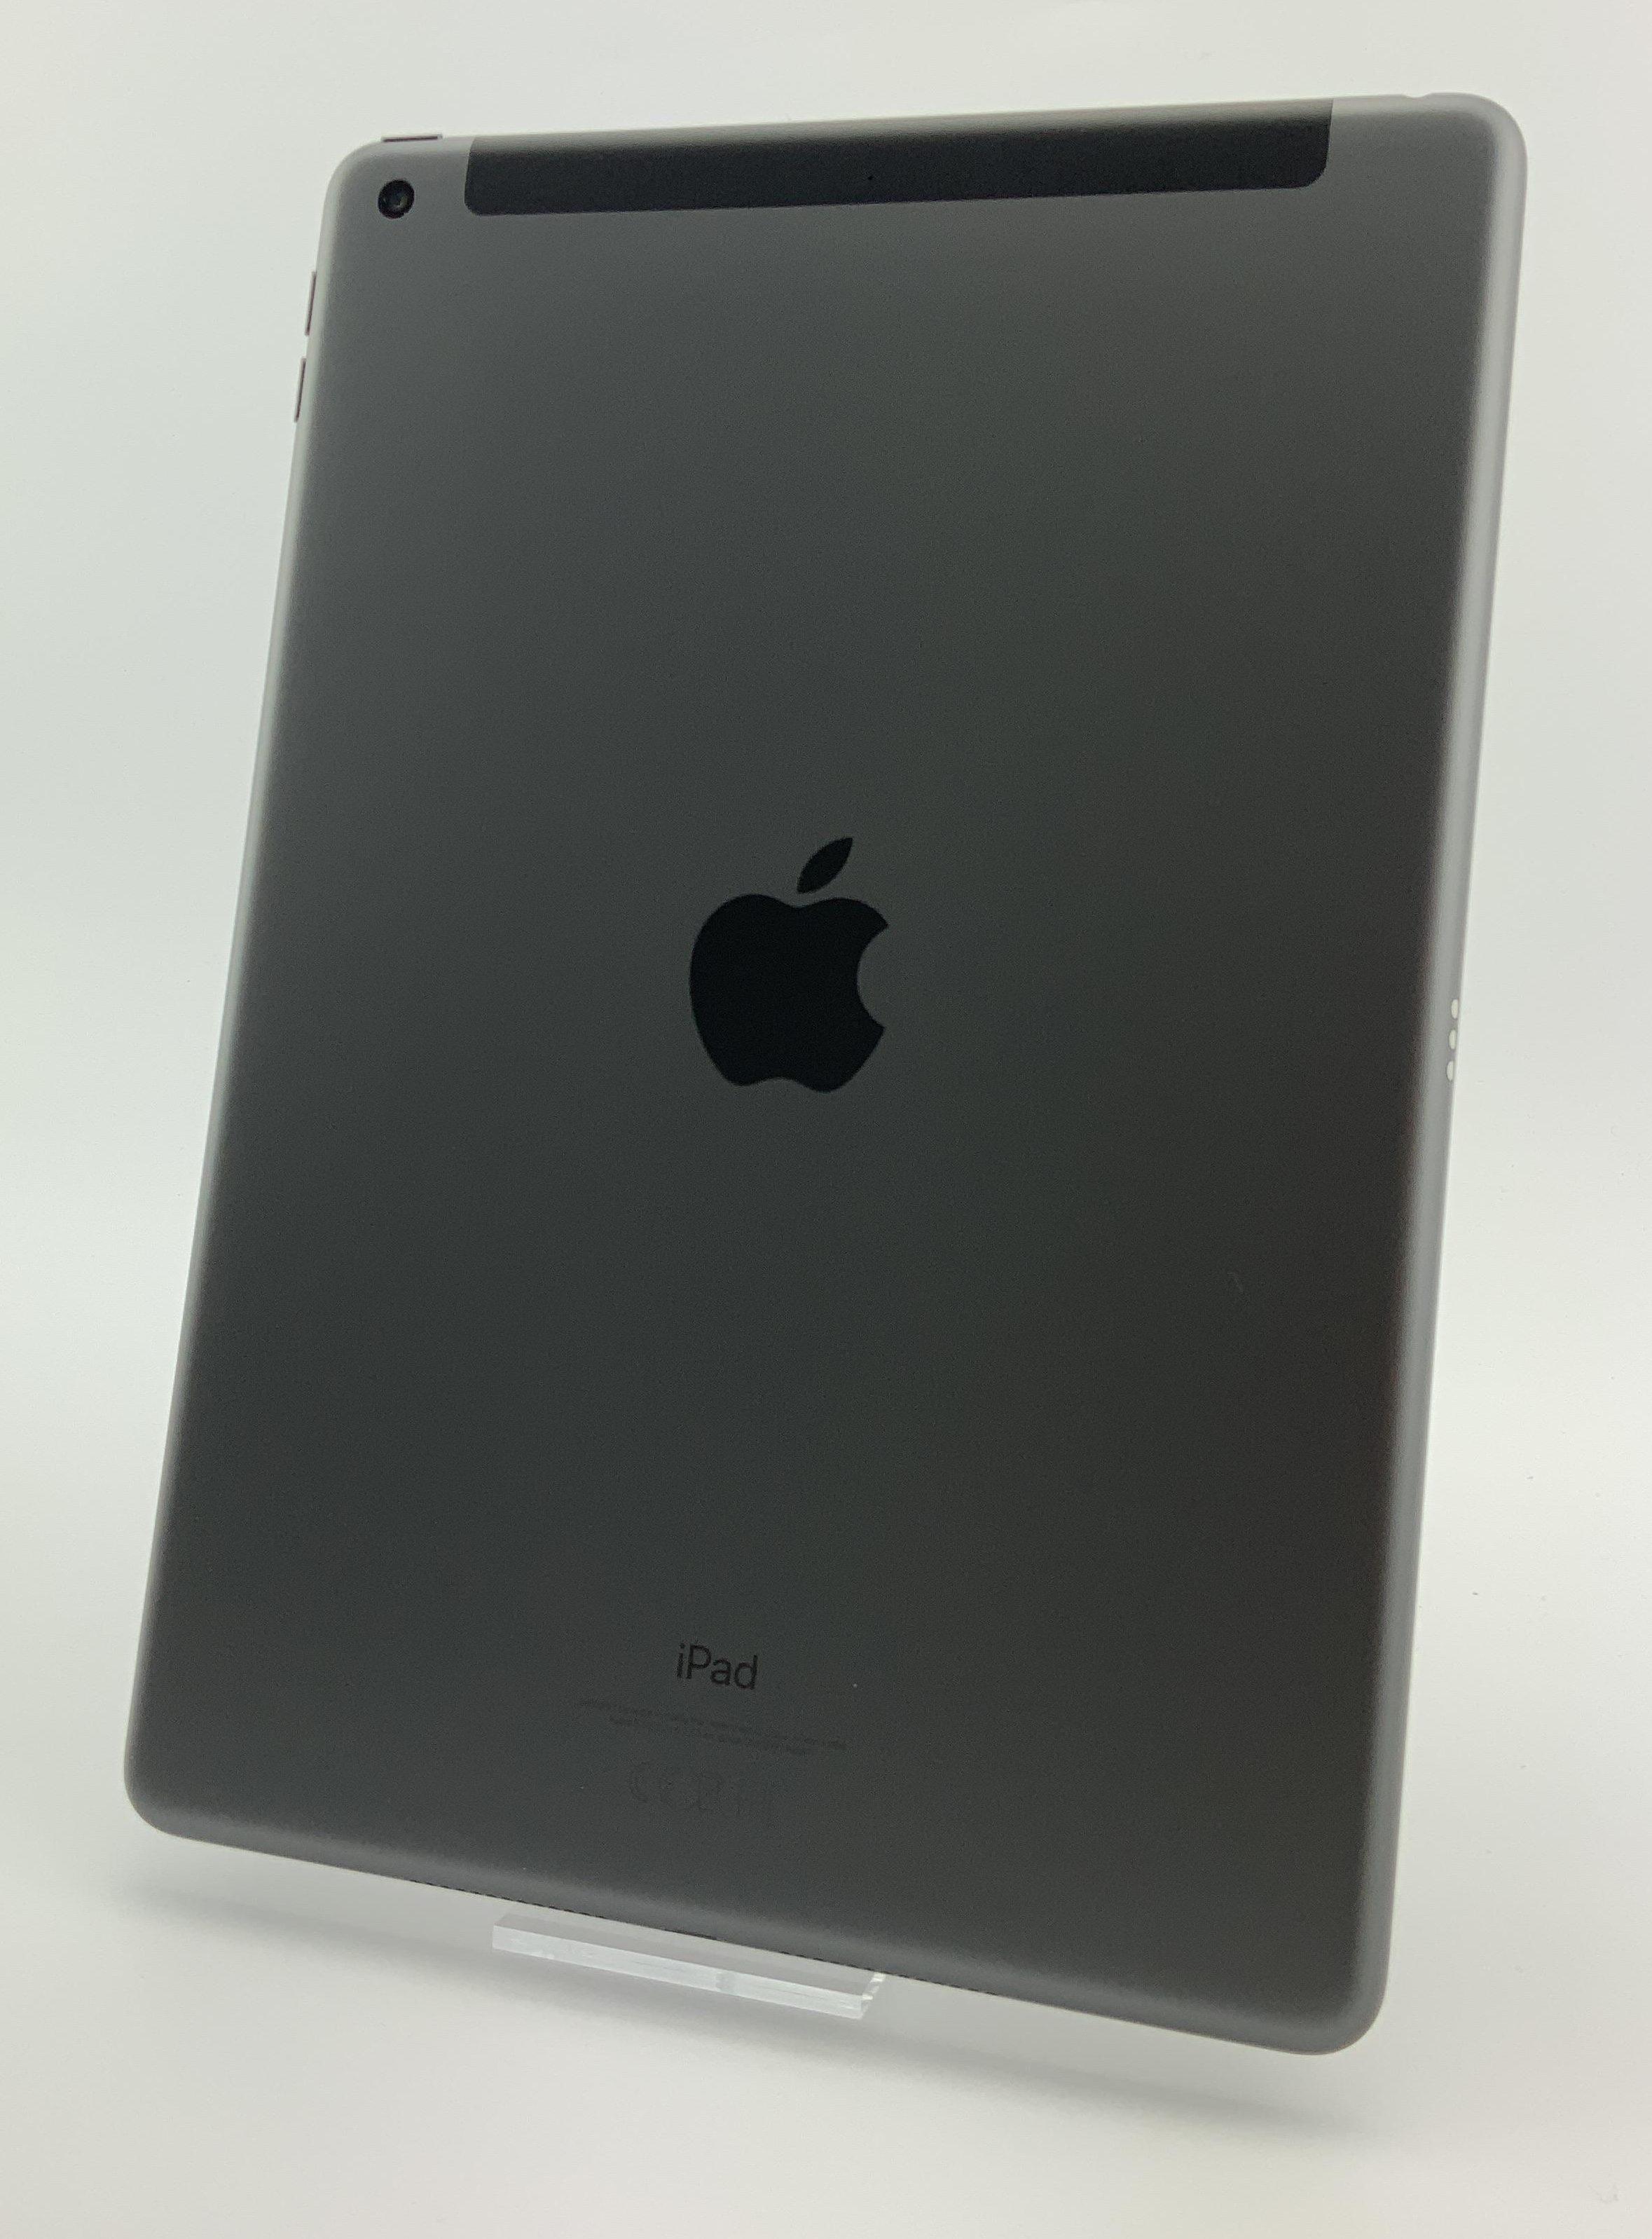 iPad 7 Wi-Fi + Cellular 32GB, 32GB, Space Gray, image 2